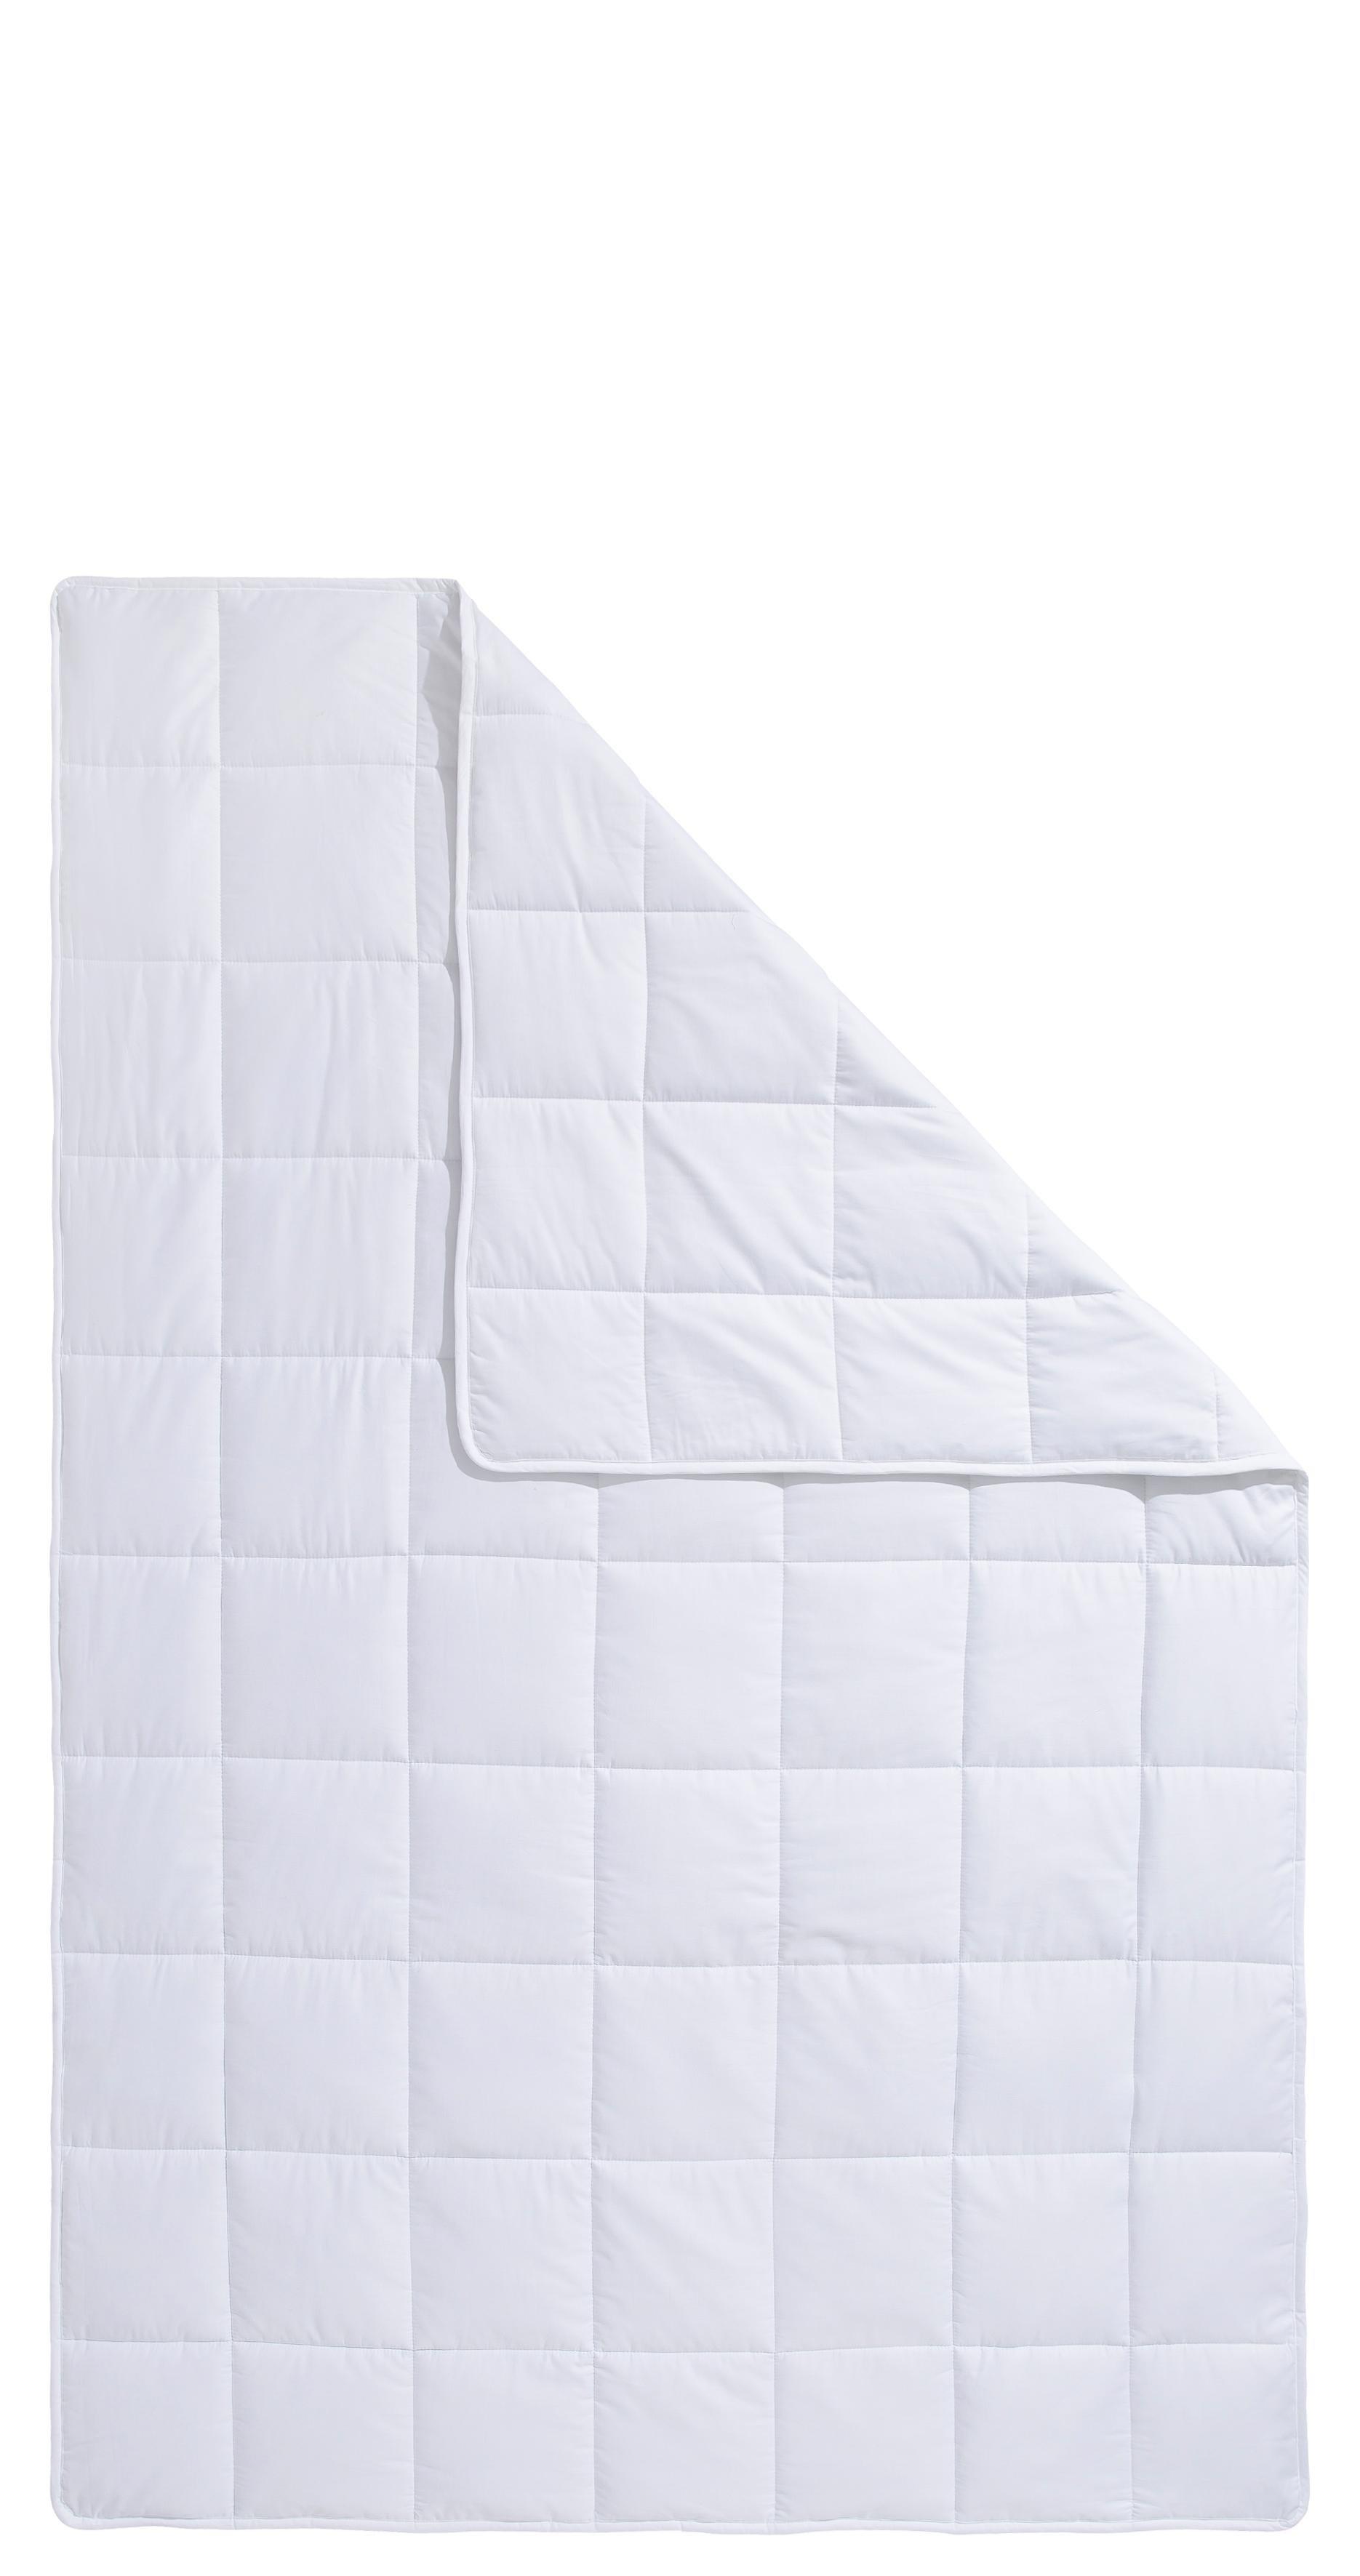 My Home Synthetisch dekbed, »Weighted Blanket«, normaal - gratis ruilen op otto.nl